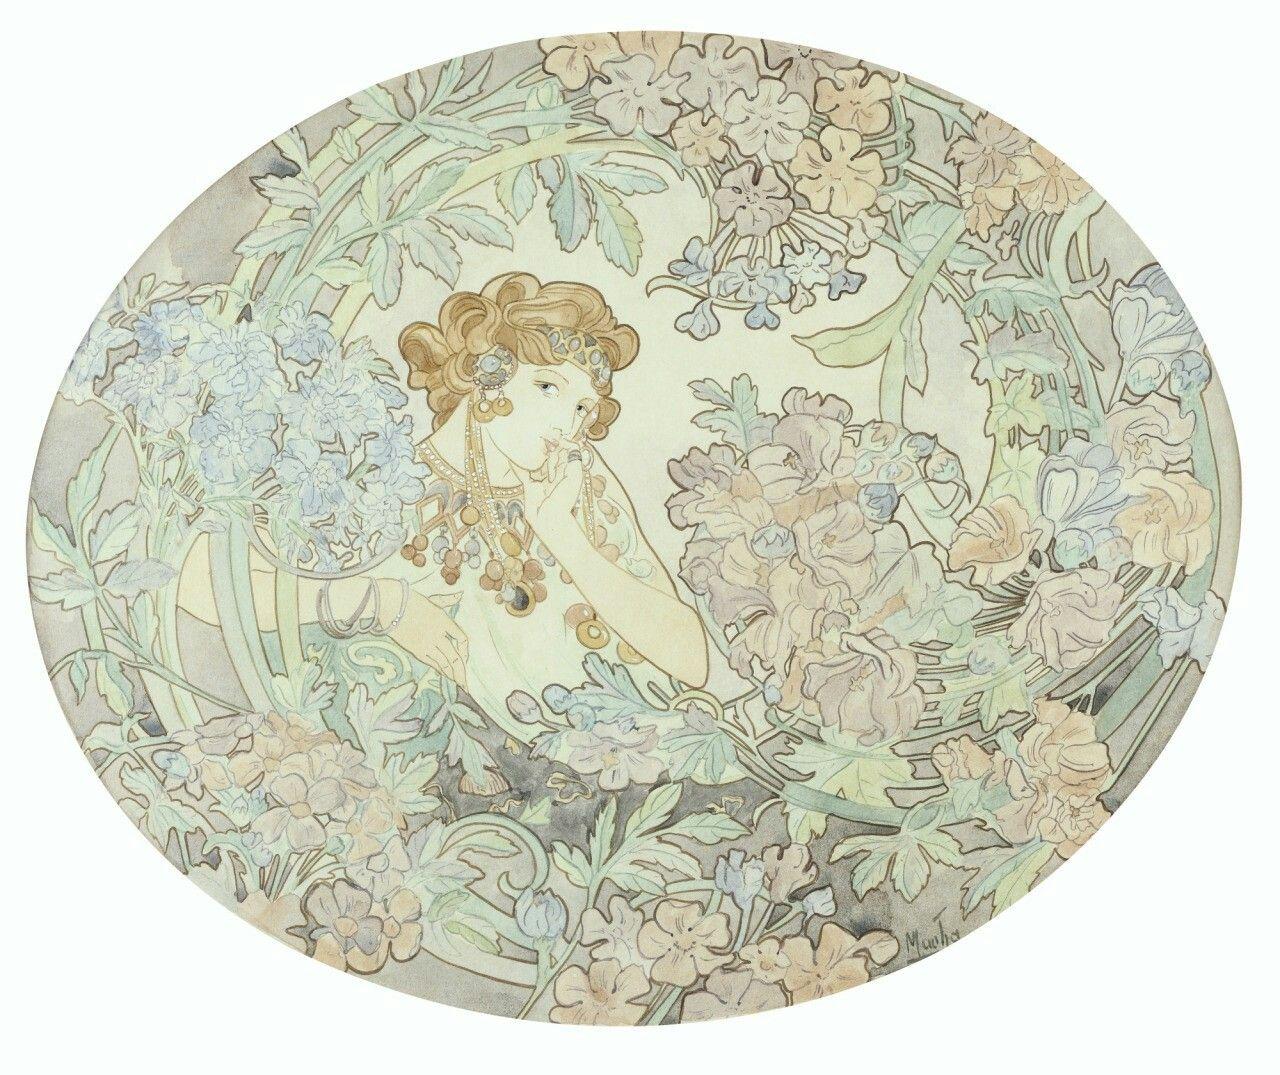 Alphonse Mucha (Czech, 1860 - 1939)